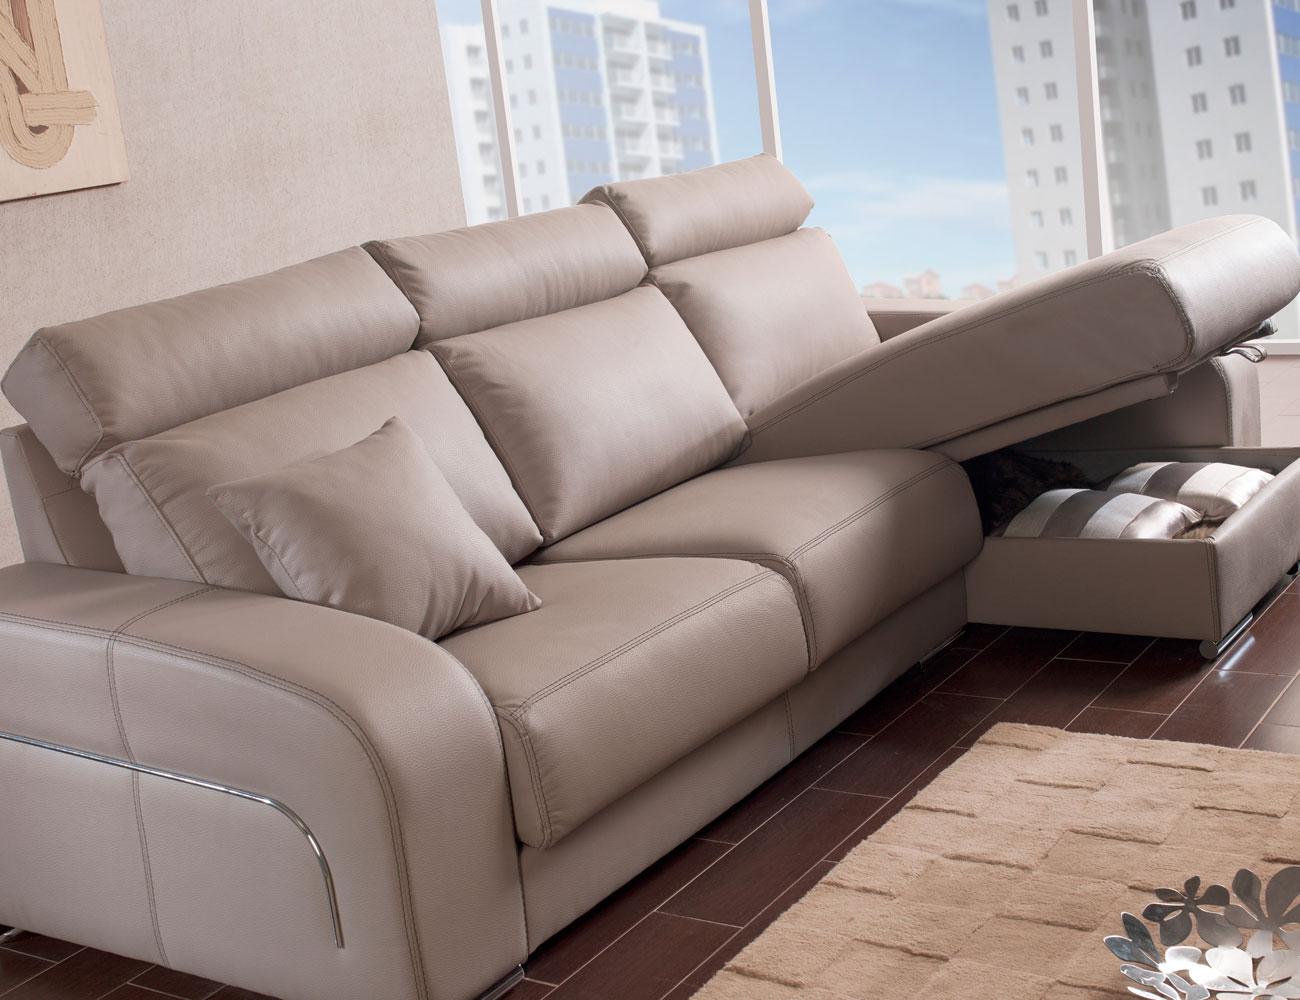 Sofa chaiselongue moderno pared cero arcon14